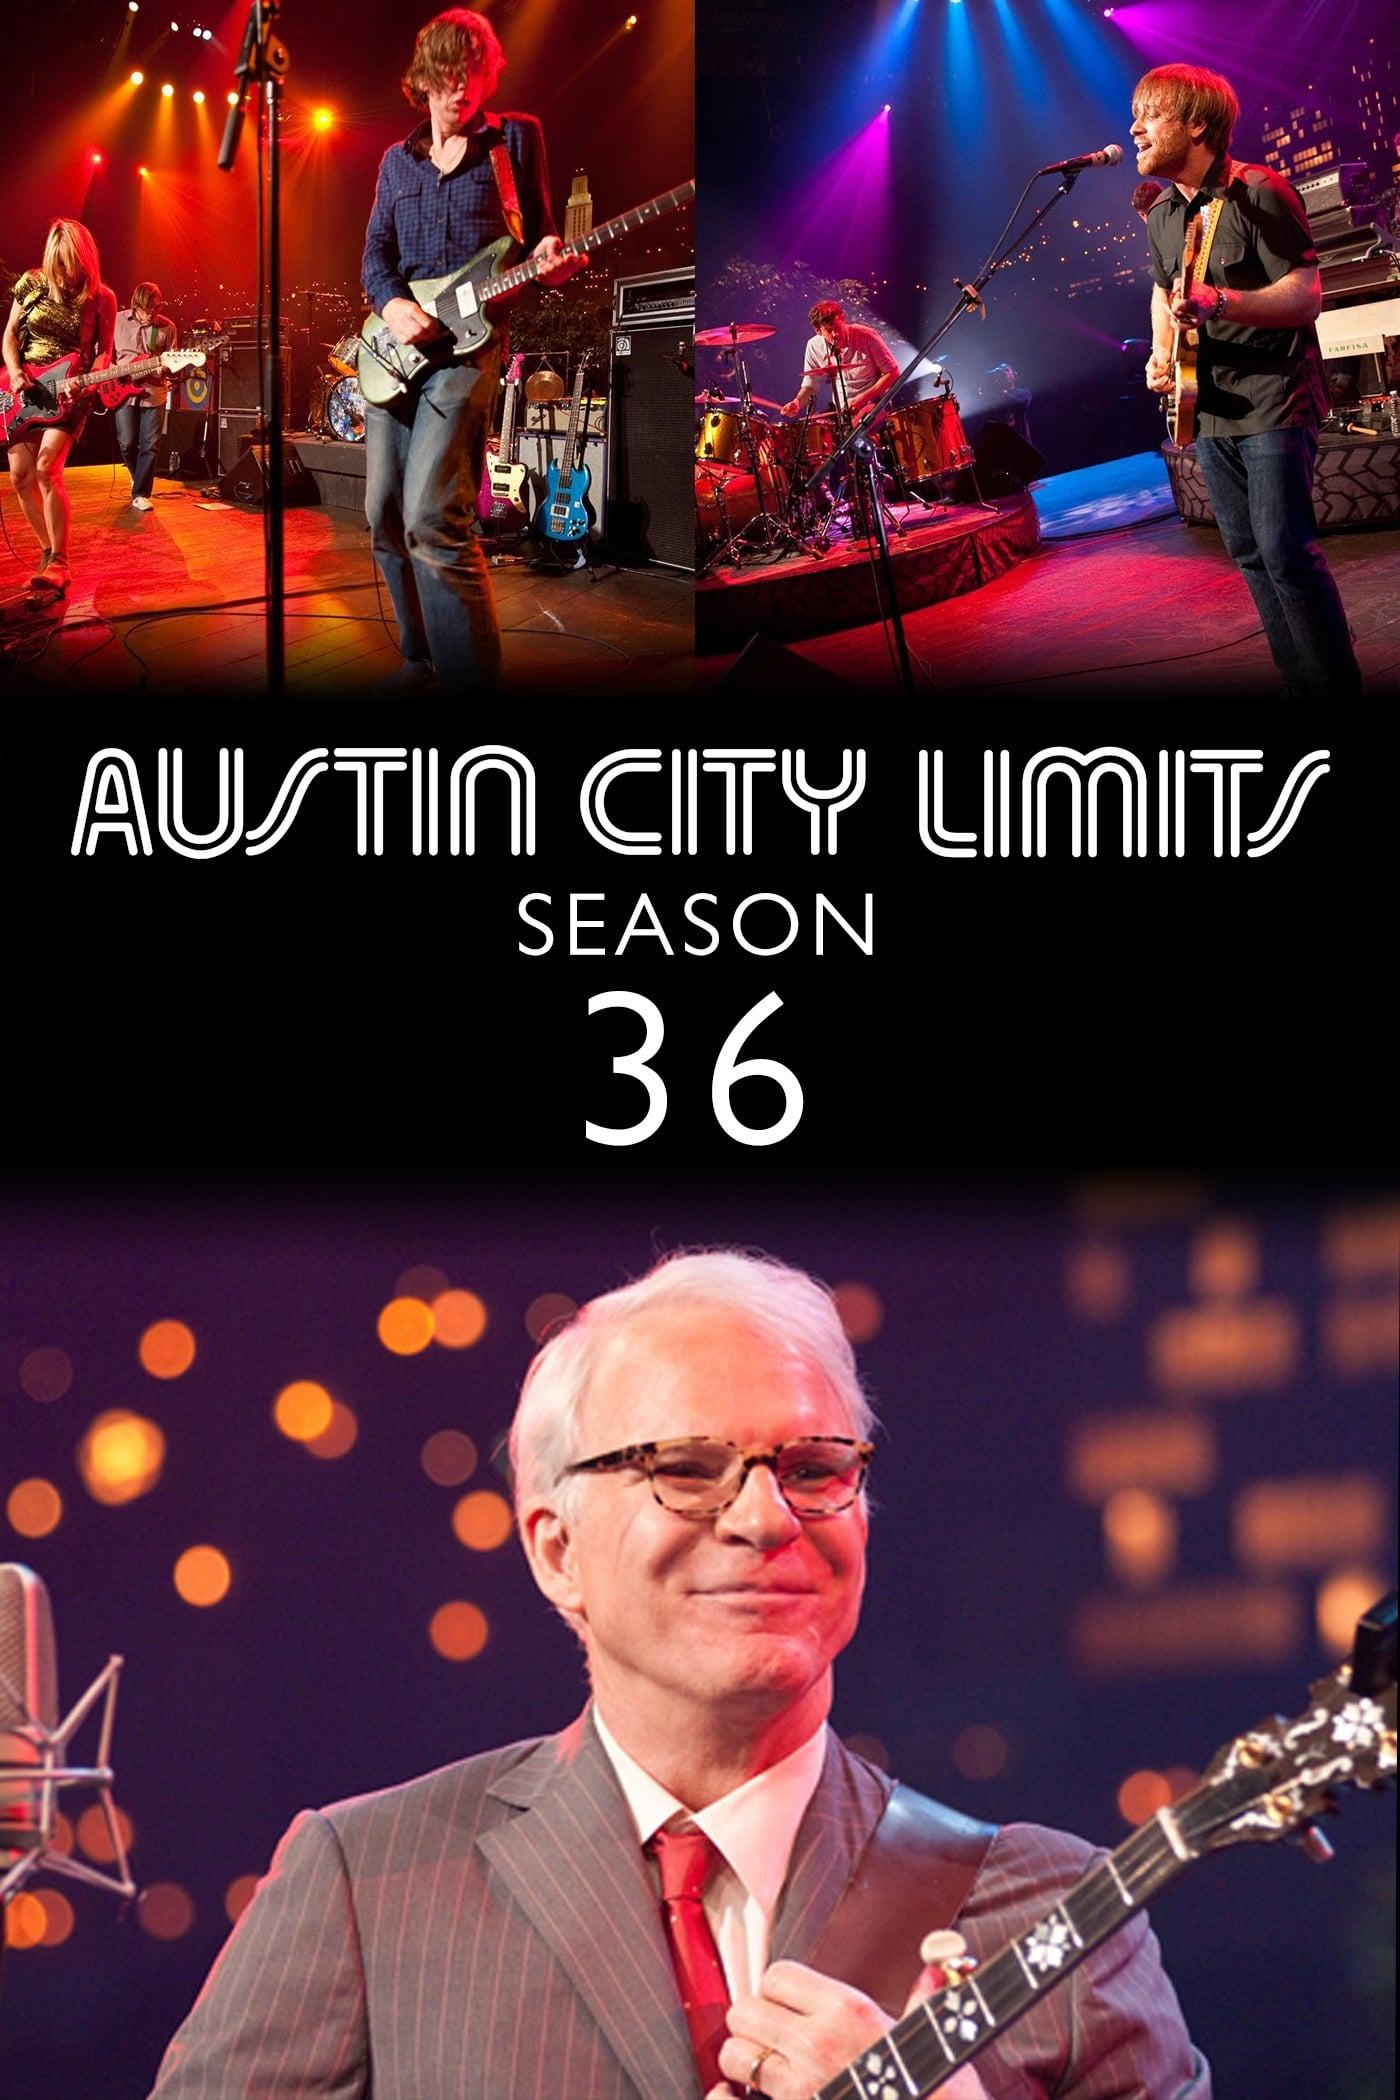 Austin City Limits Season 36